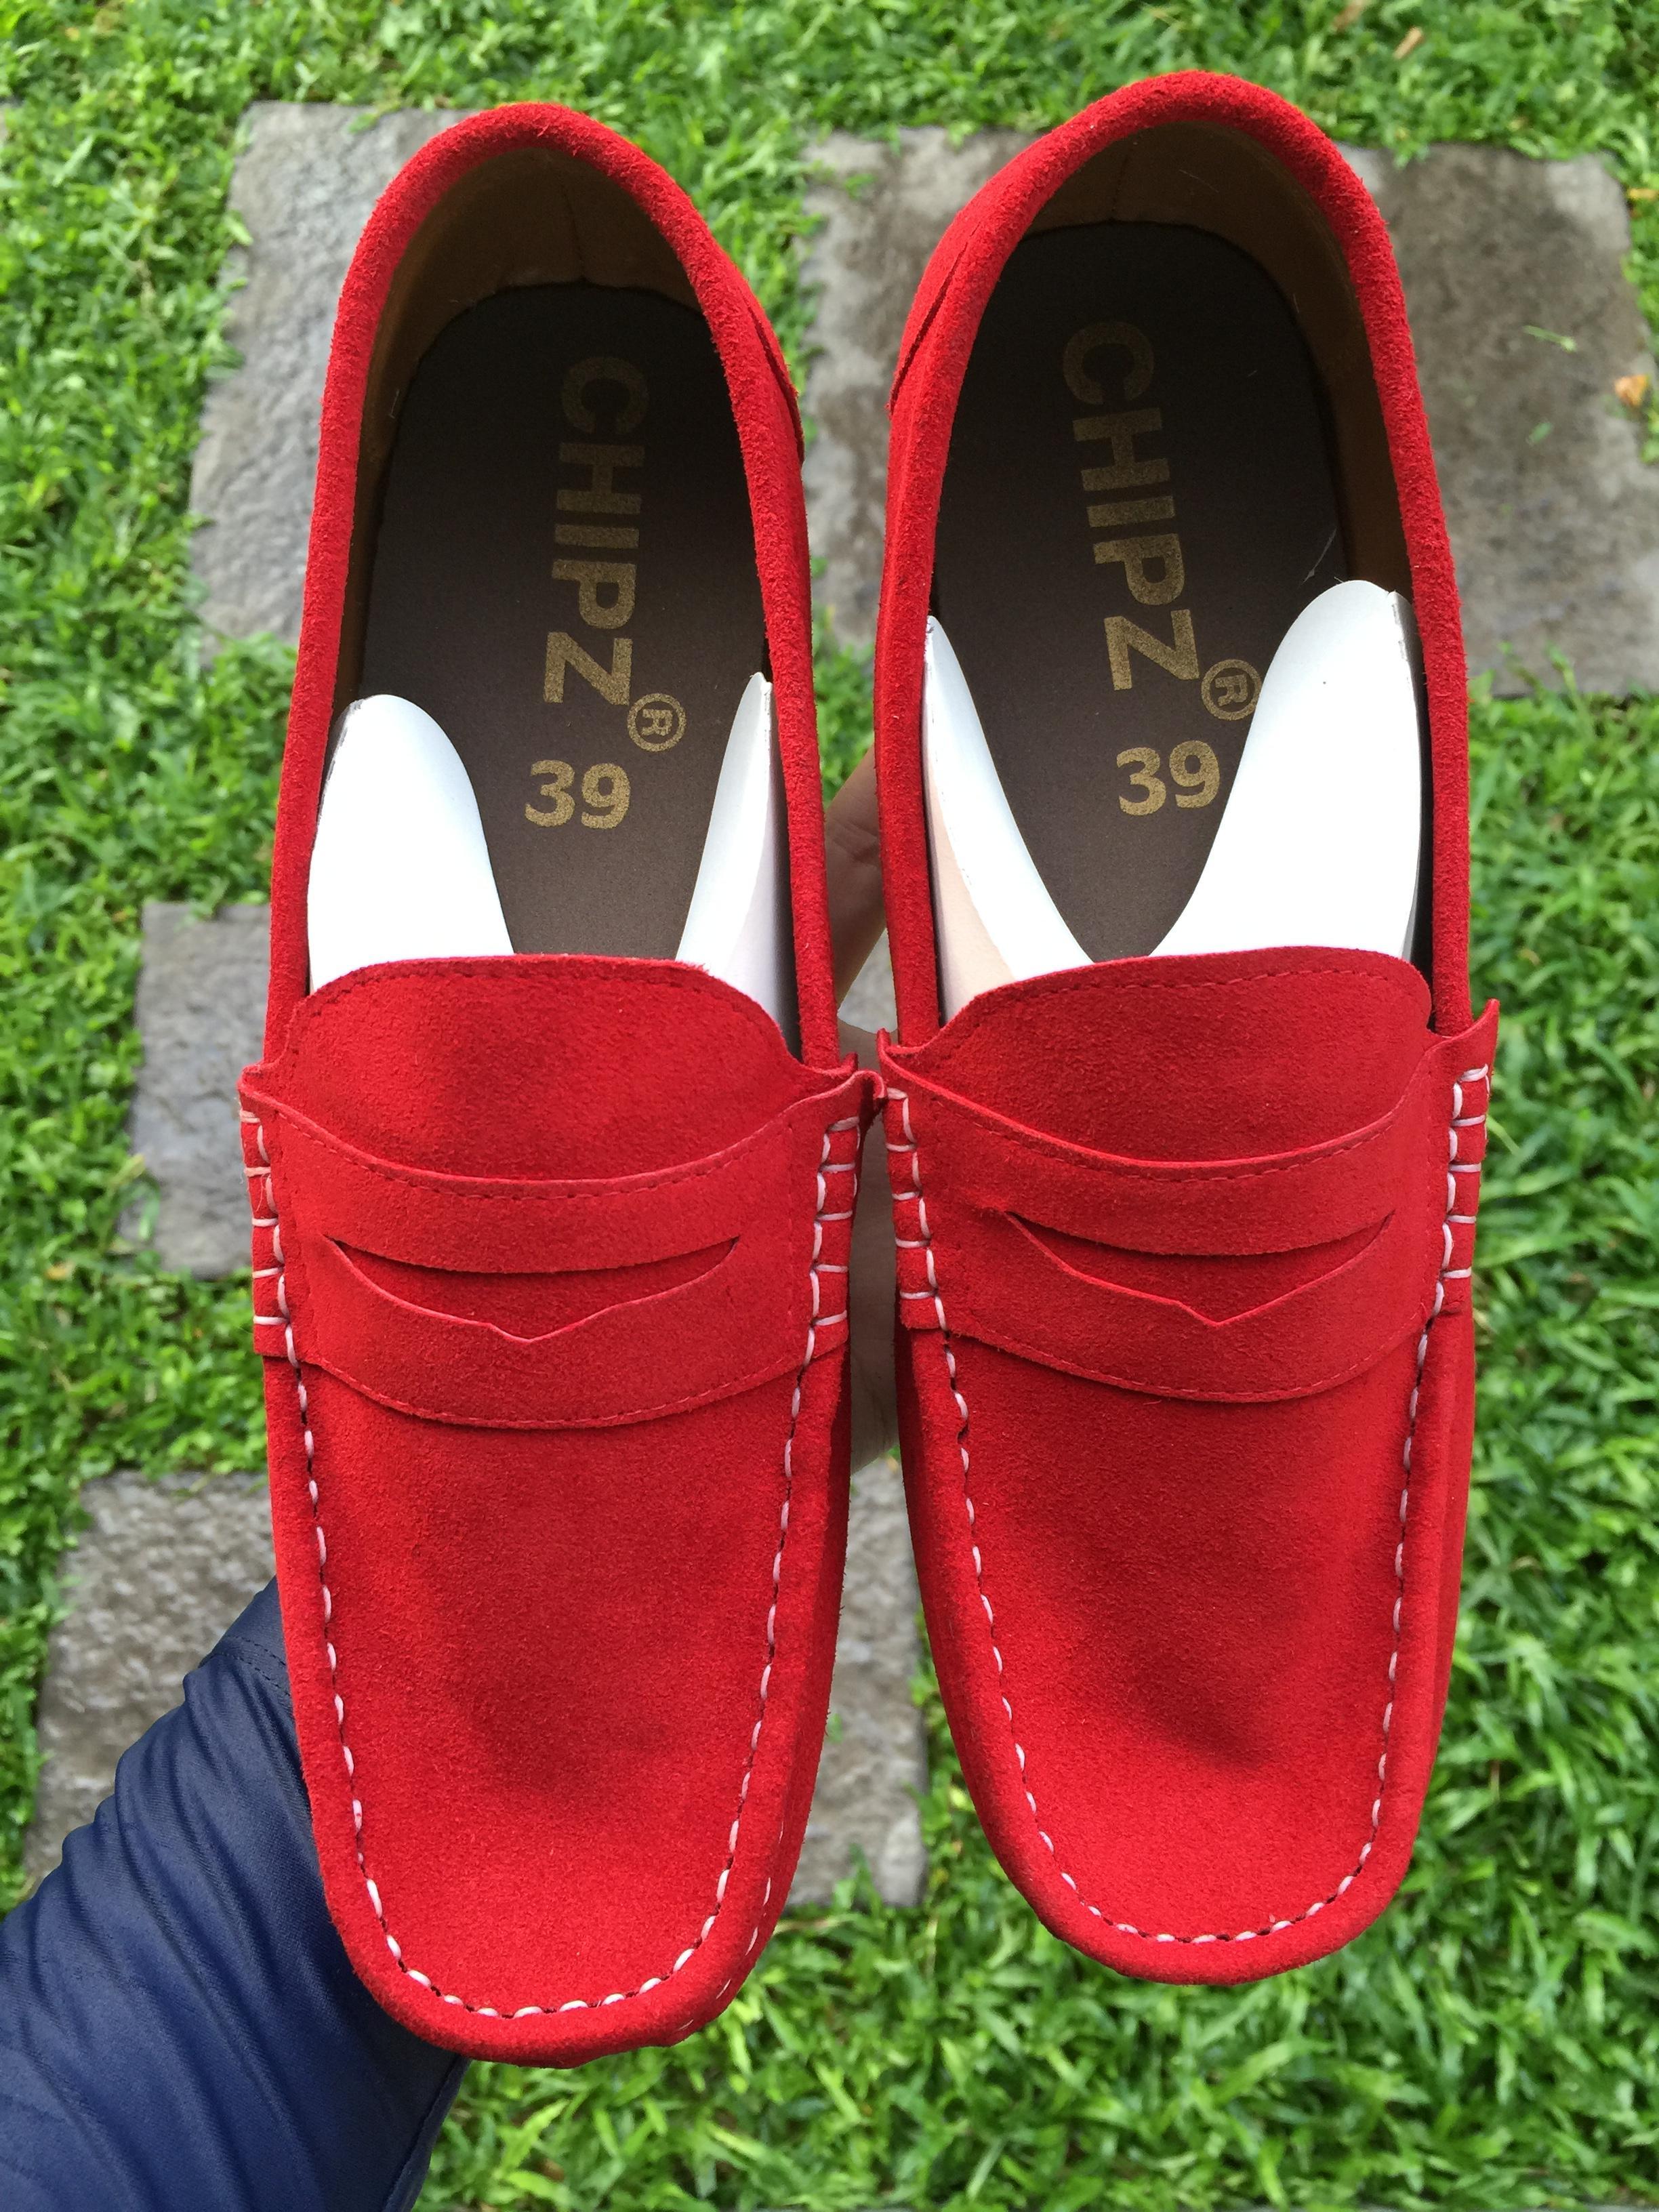 รองเท้าหนังกลับแท้ รุ่นโลฟเฟอร์ สีแดง